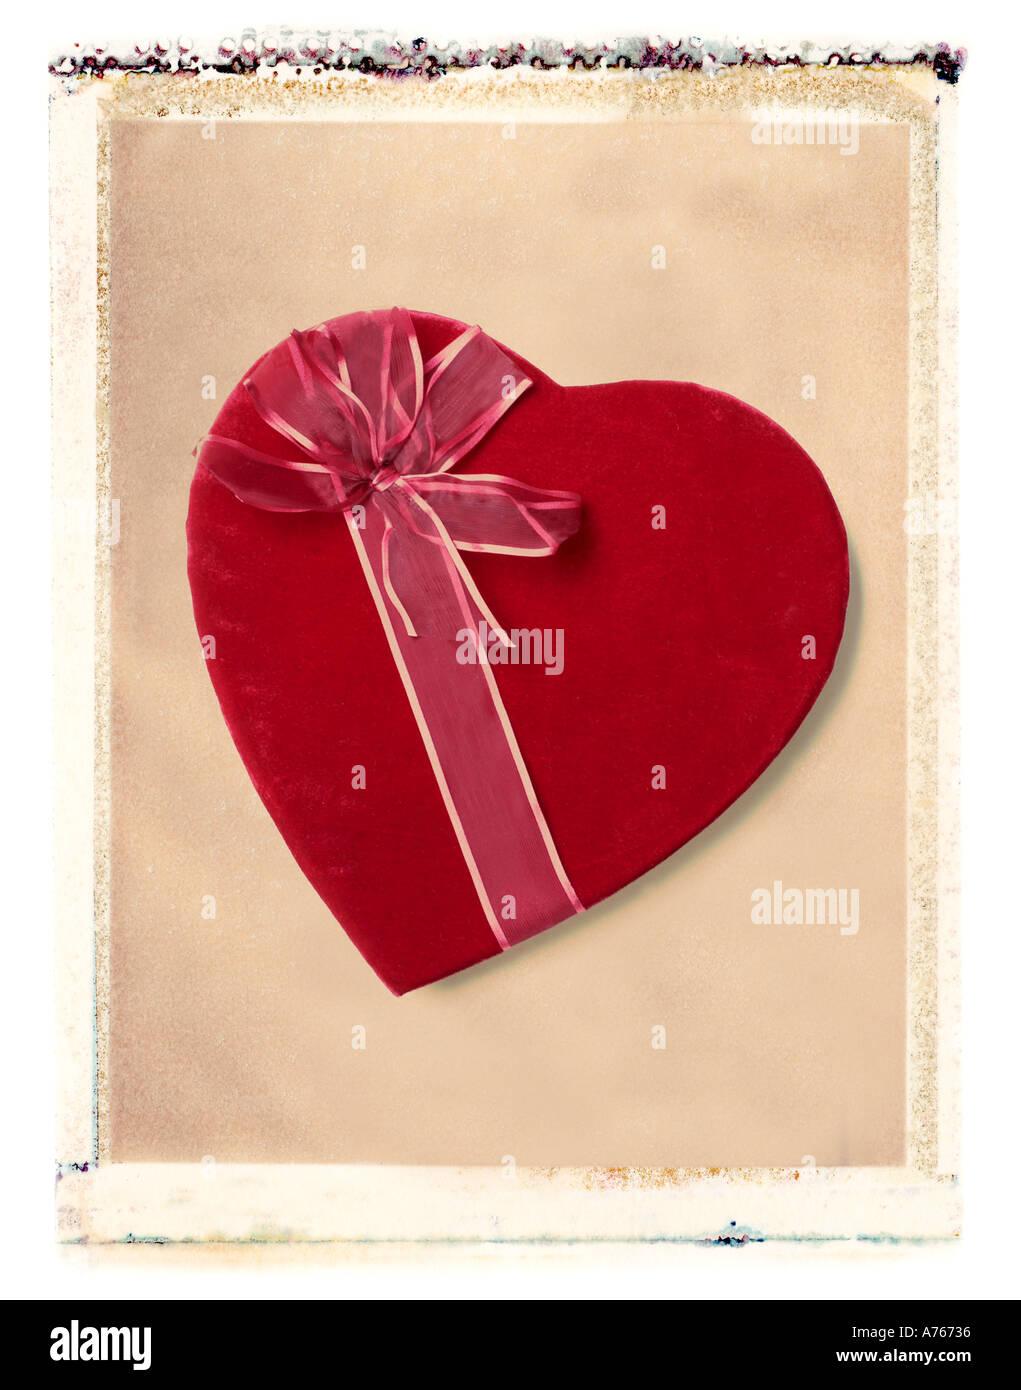 El día de san valentín candy corazón regalo Imagen De Stock